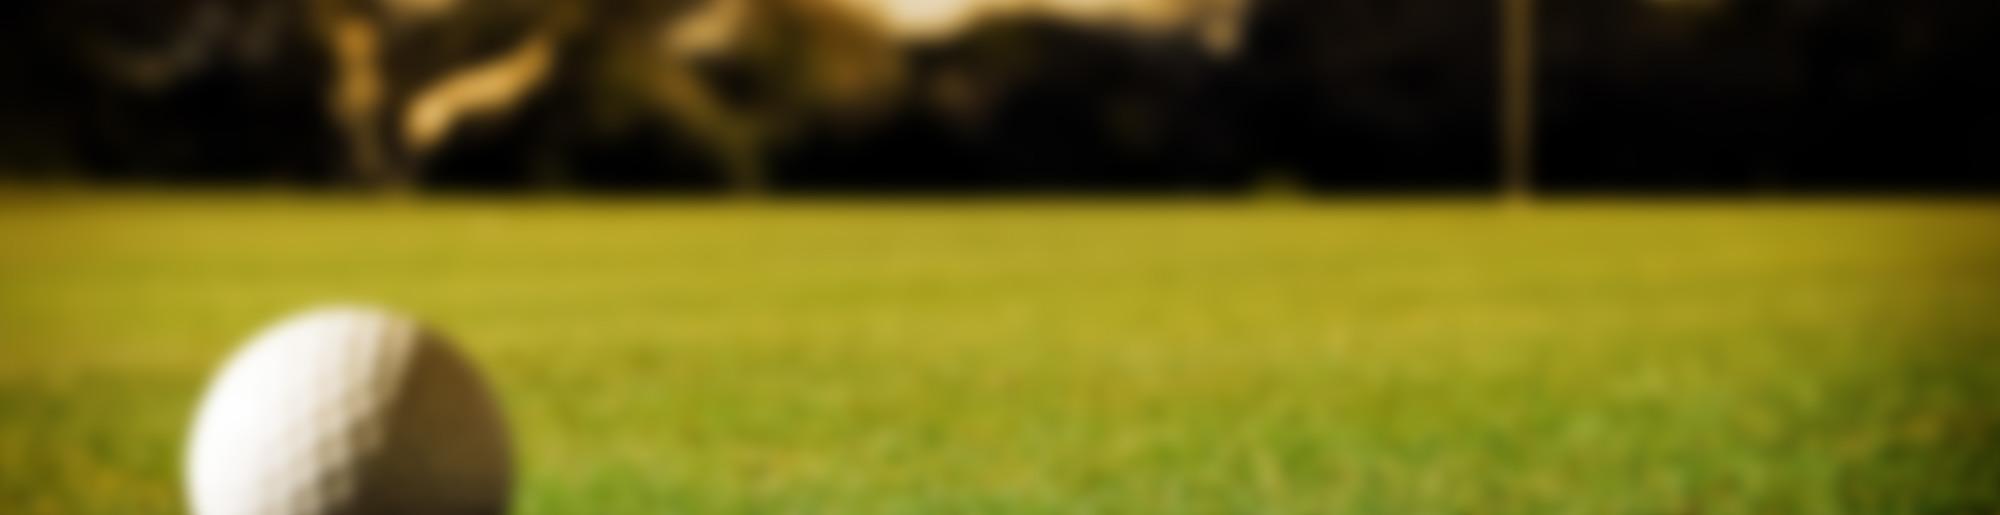 golf-generic-2